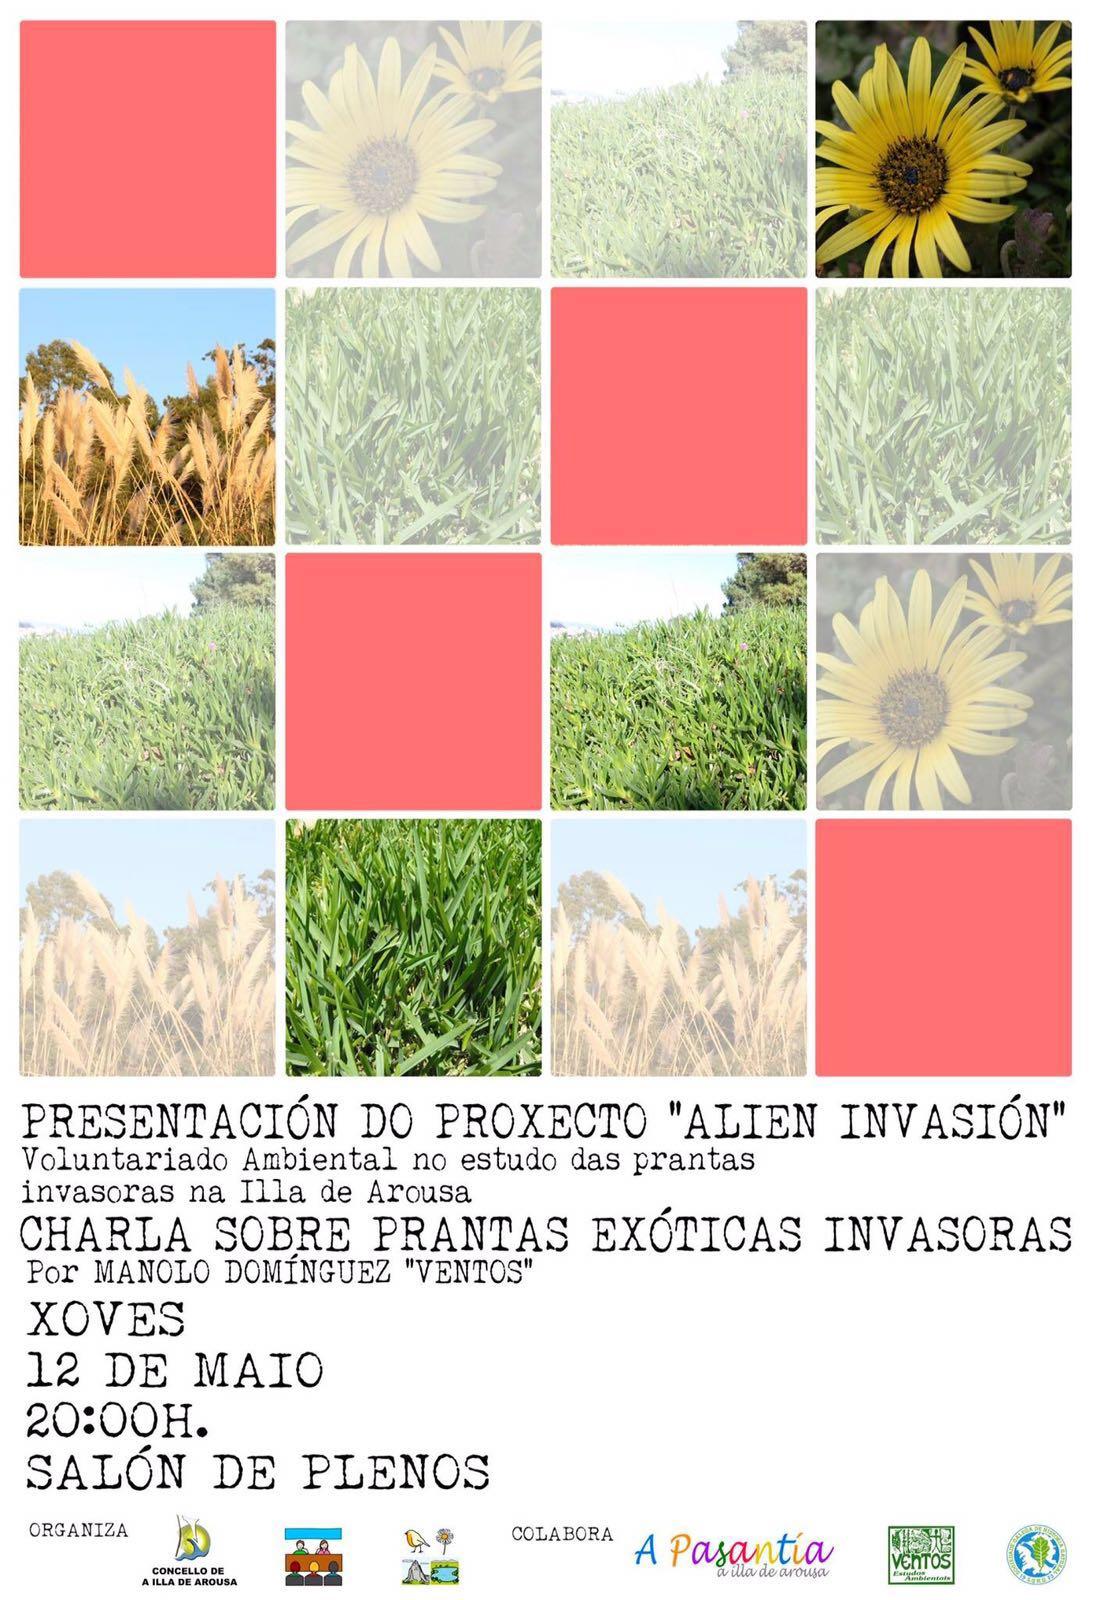 """PRESENTACIÓN DO PROXECTO """"ALIEN INVASIÓN"""" E CHARLA SOBRE PRANTAS EXÓTICAS INVASORAS"""